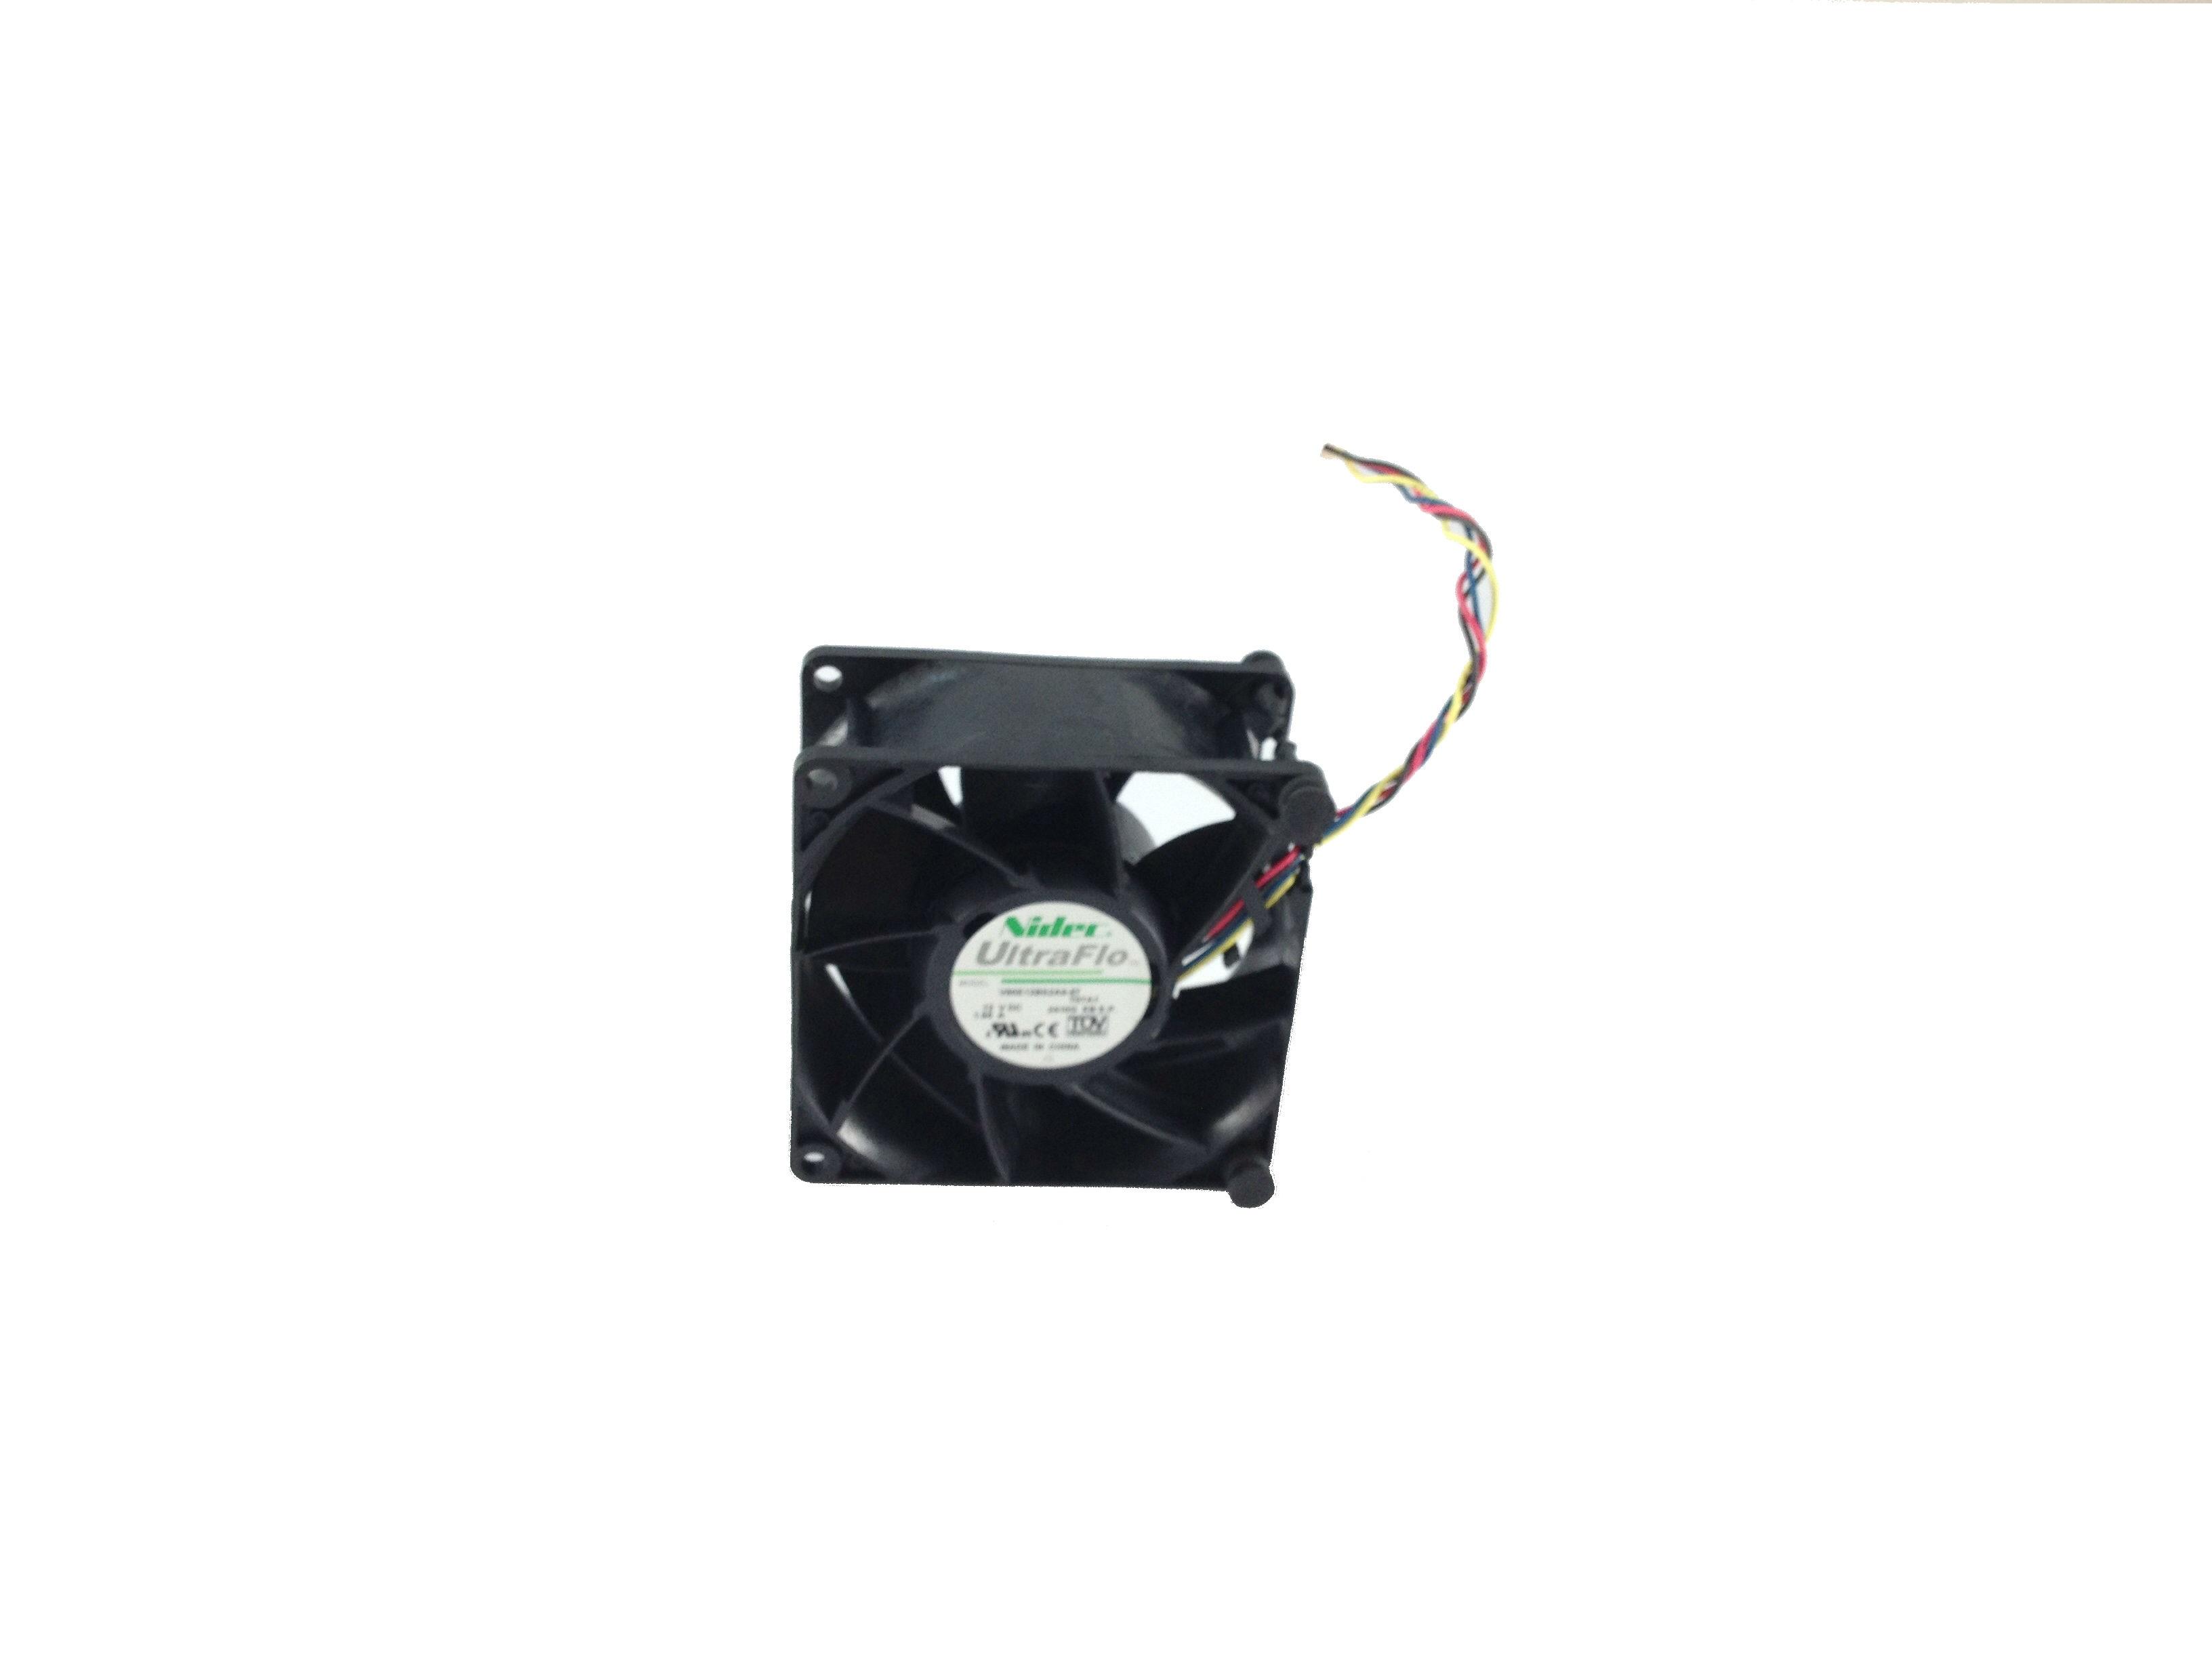 Supermicro Nidec 80x38 MM 1.95 A Case Fan (FAN-0129L4)